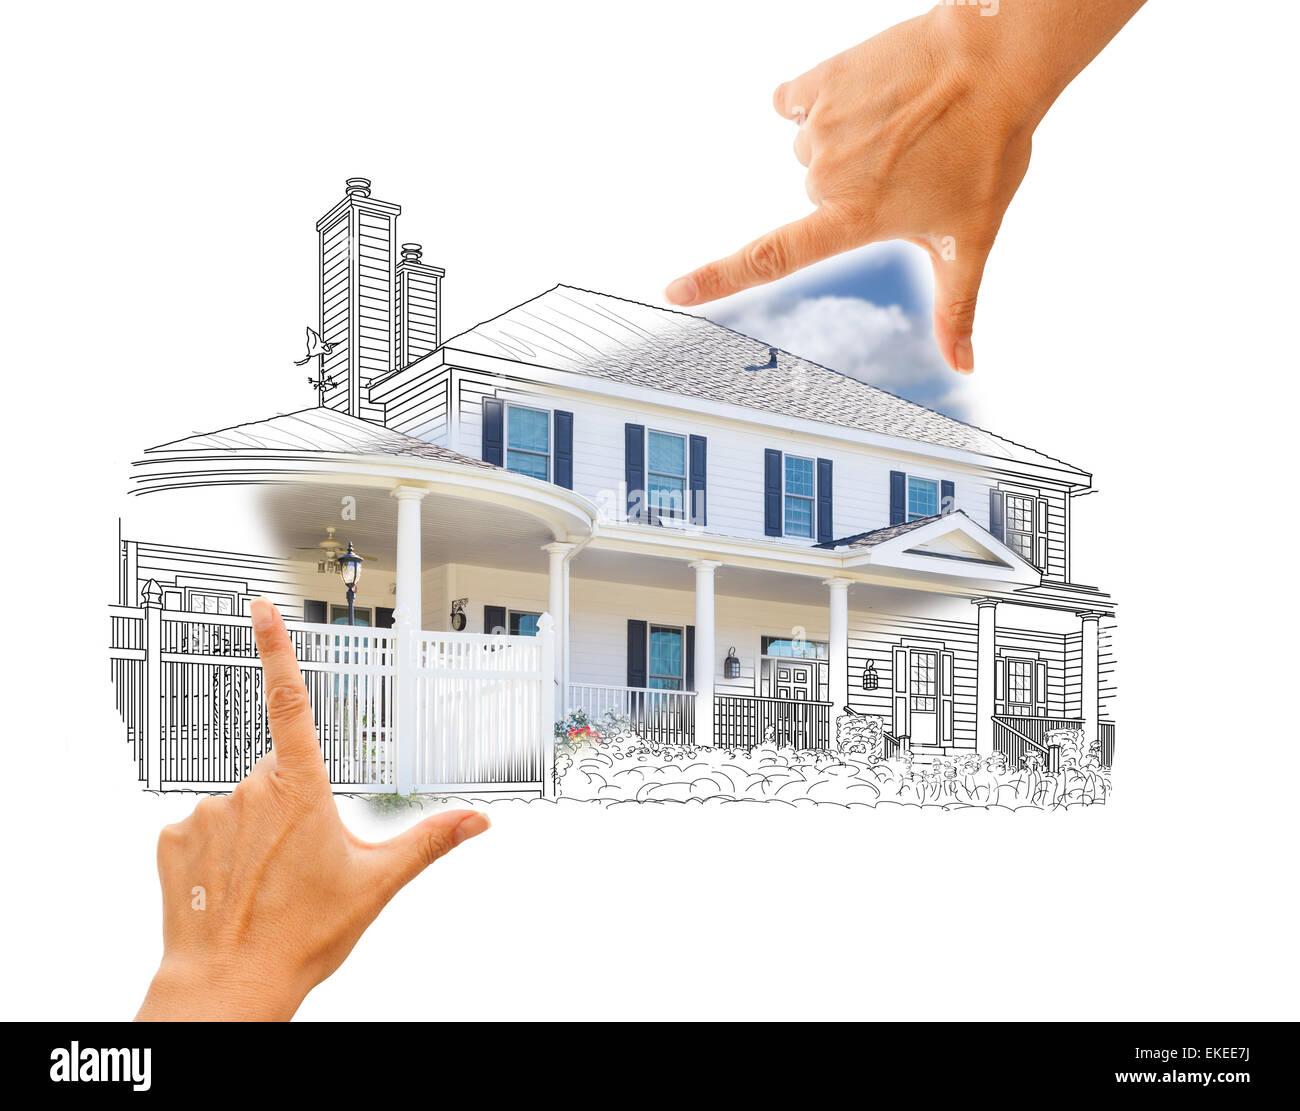 Ausgezeichnet Framing Ein Haus Schritt Für Schritt Fotos - Rahmen ...